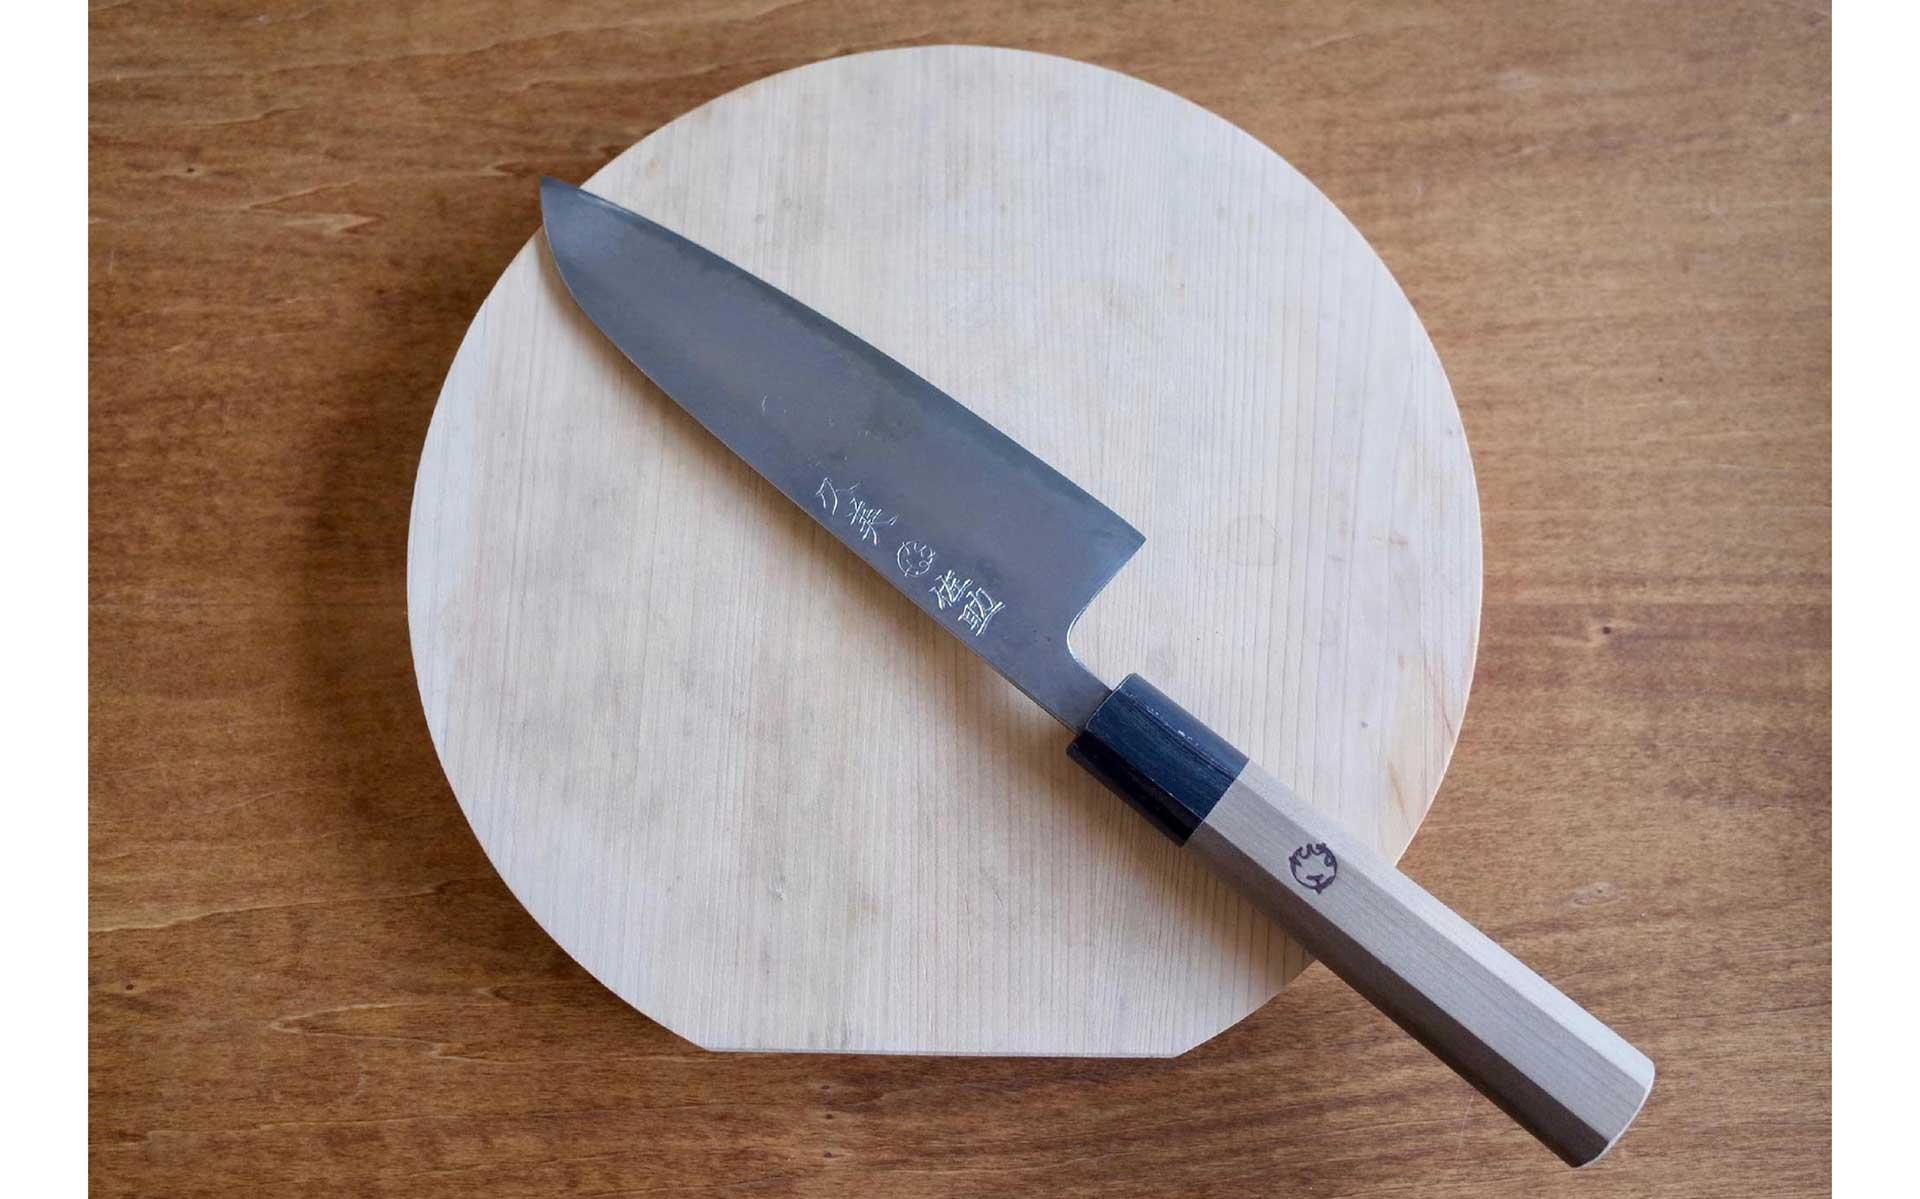 「鋼の包丁」の魅力とは。料理好きおすすめの1本からお手入れ方法まで